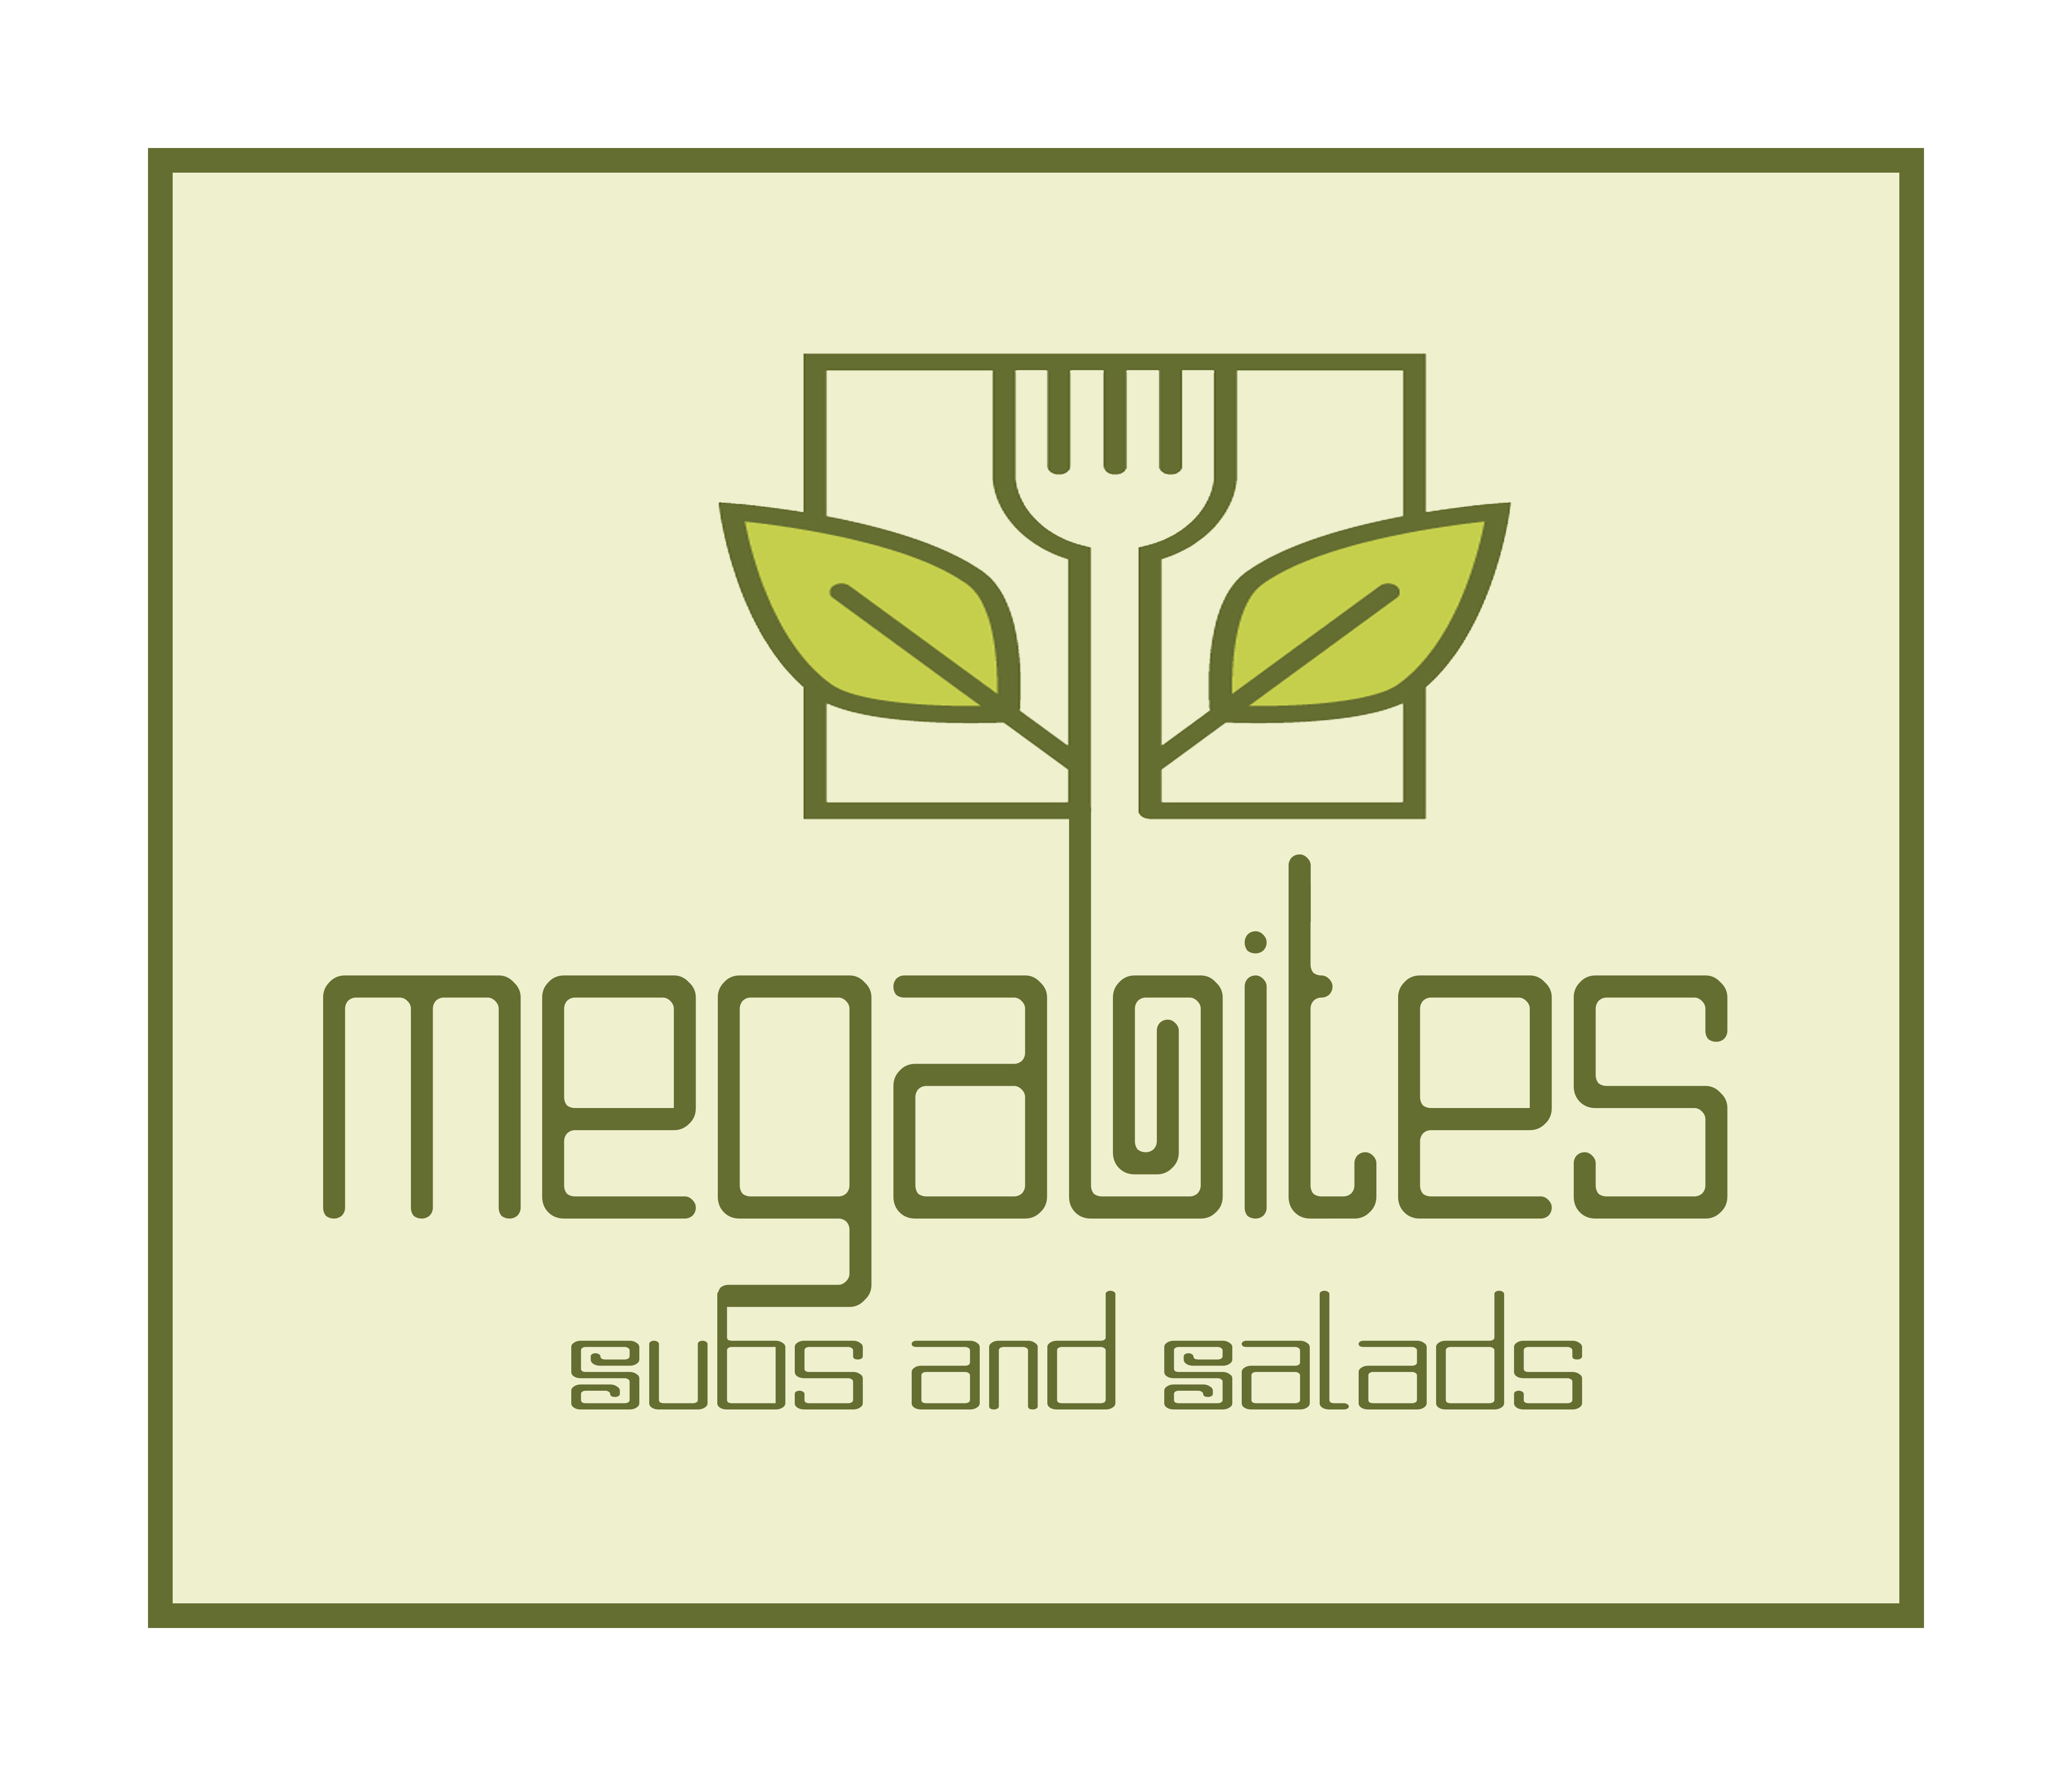 MegaBites_logo_v1_cream